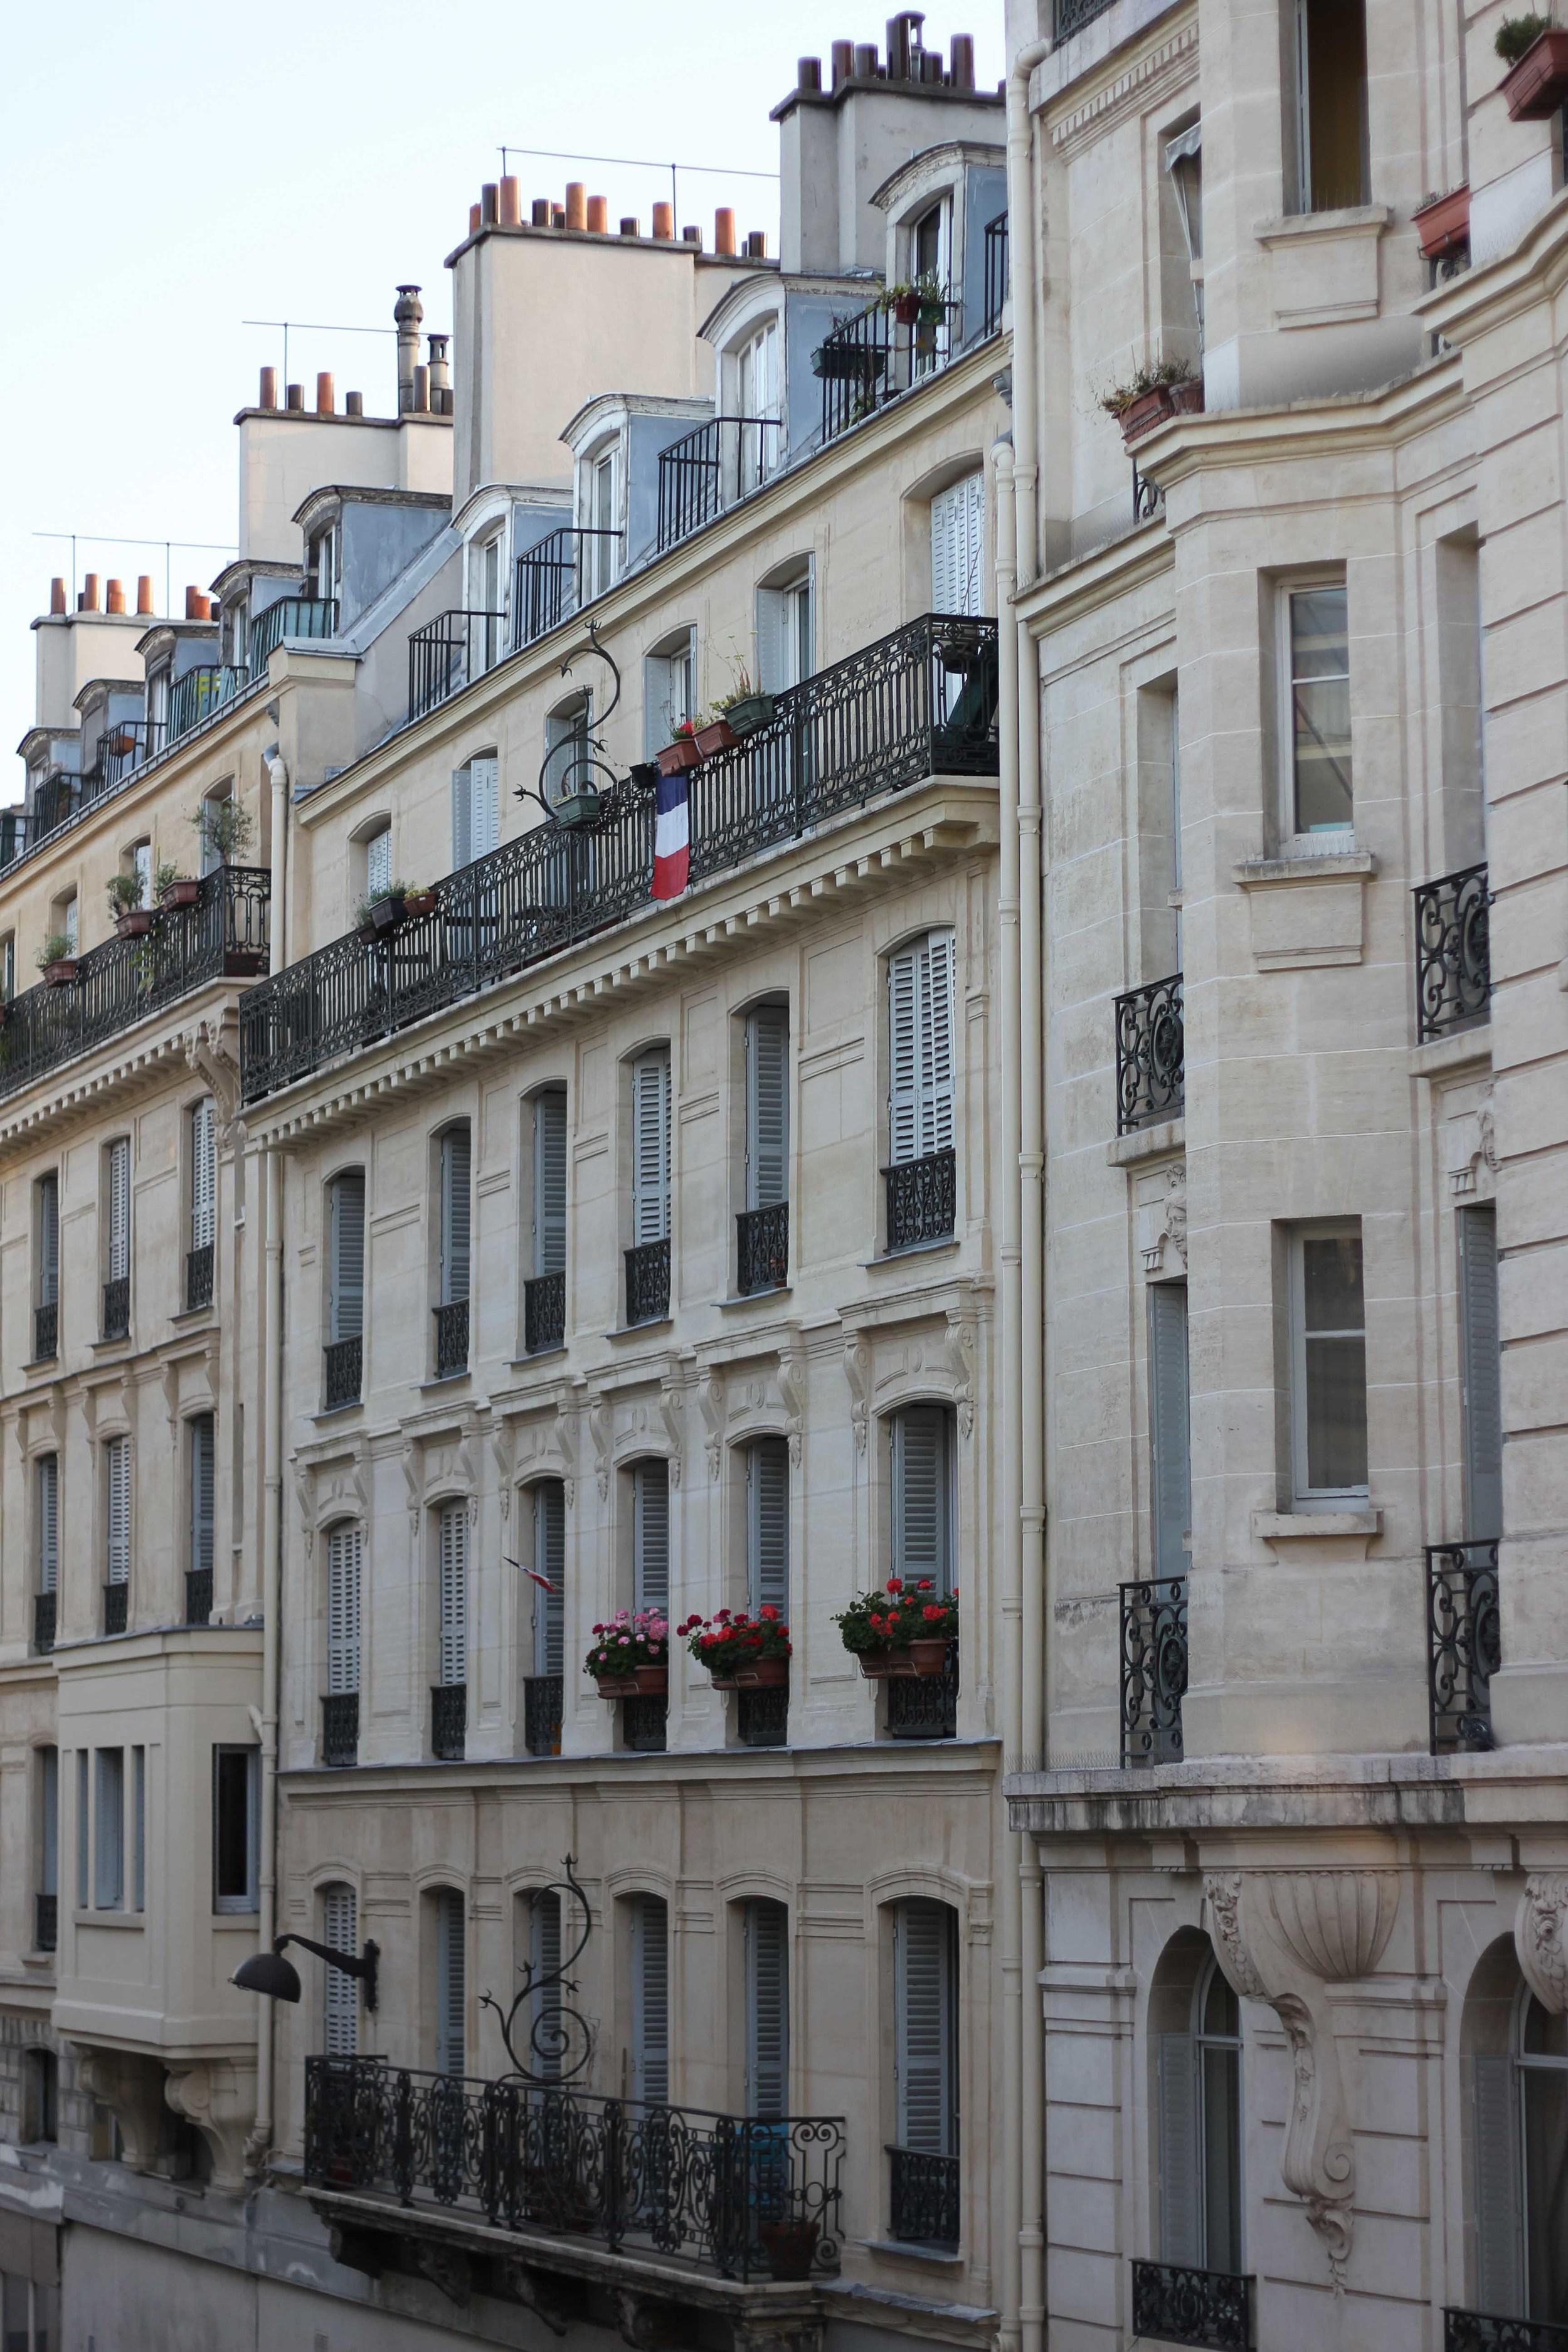 france_paris_parisianlife_architecture